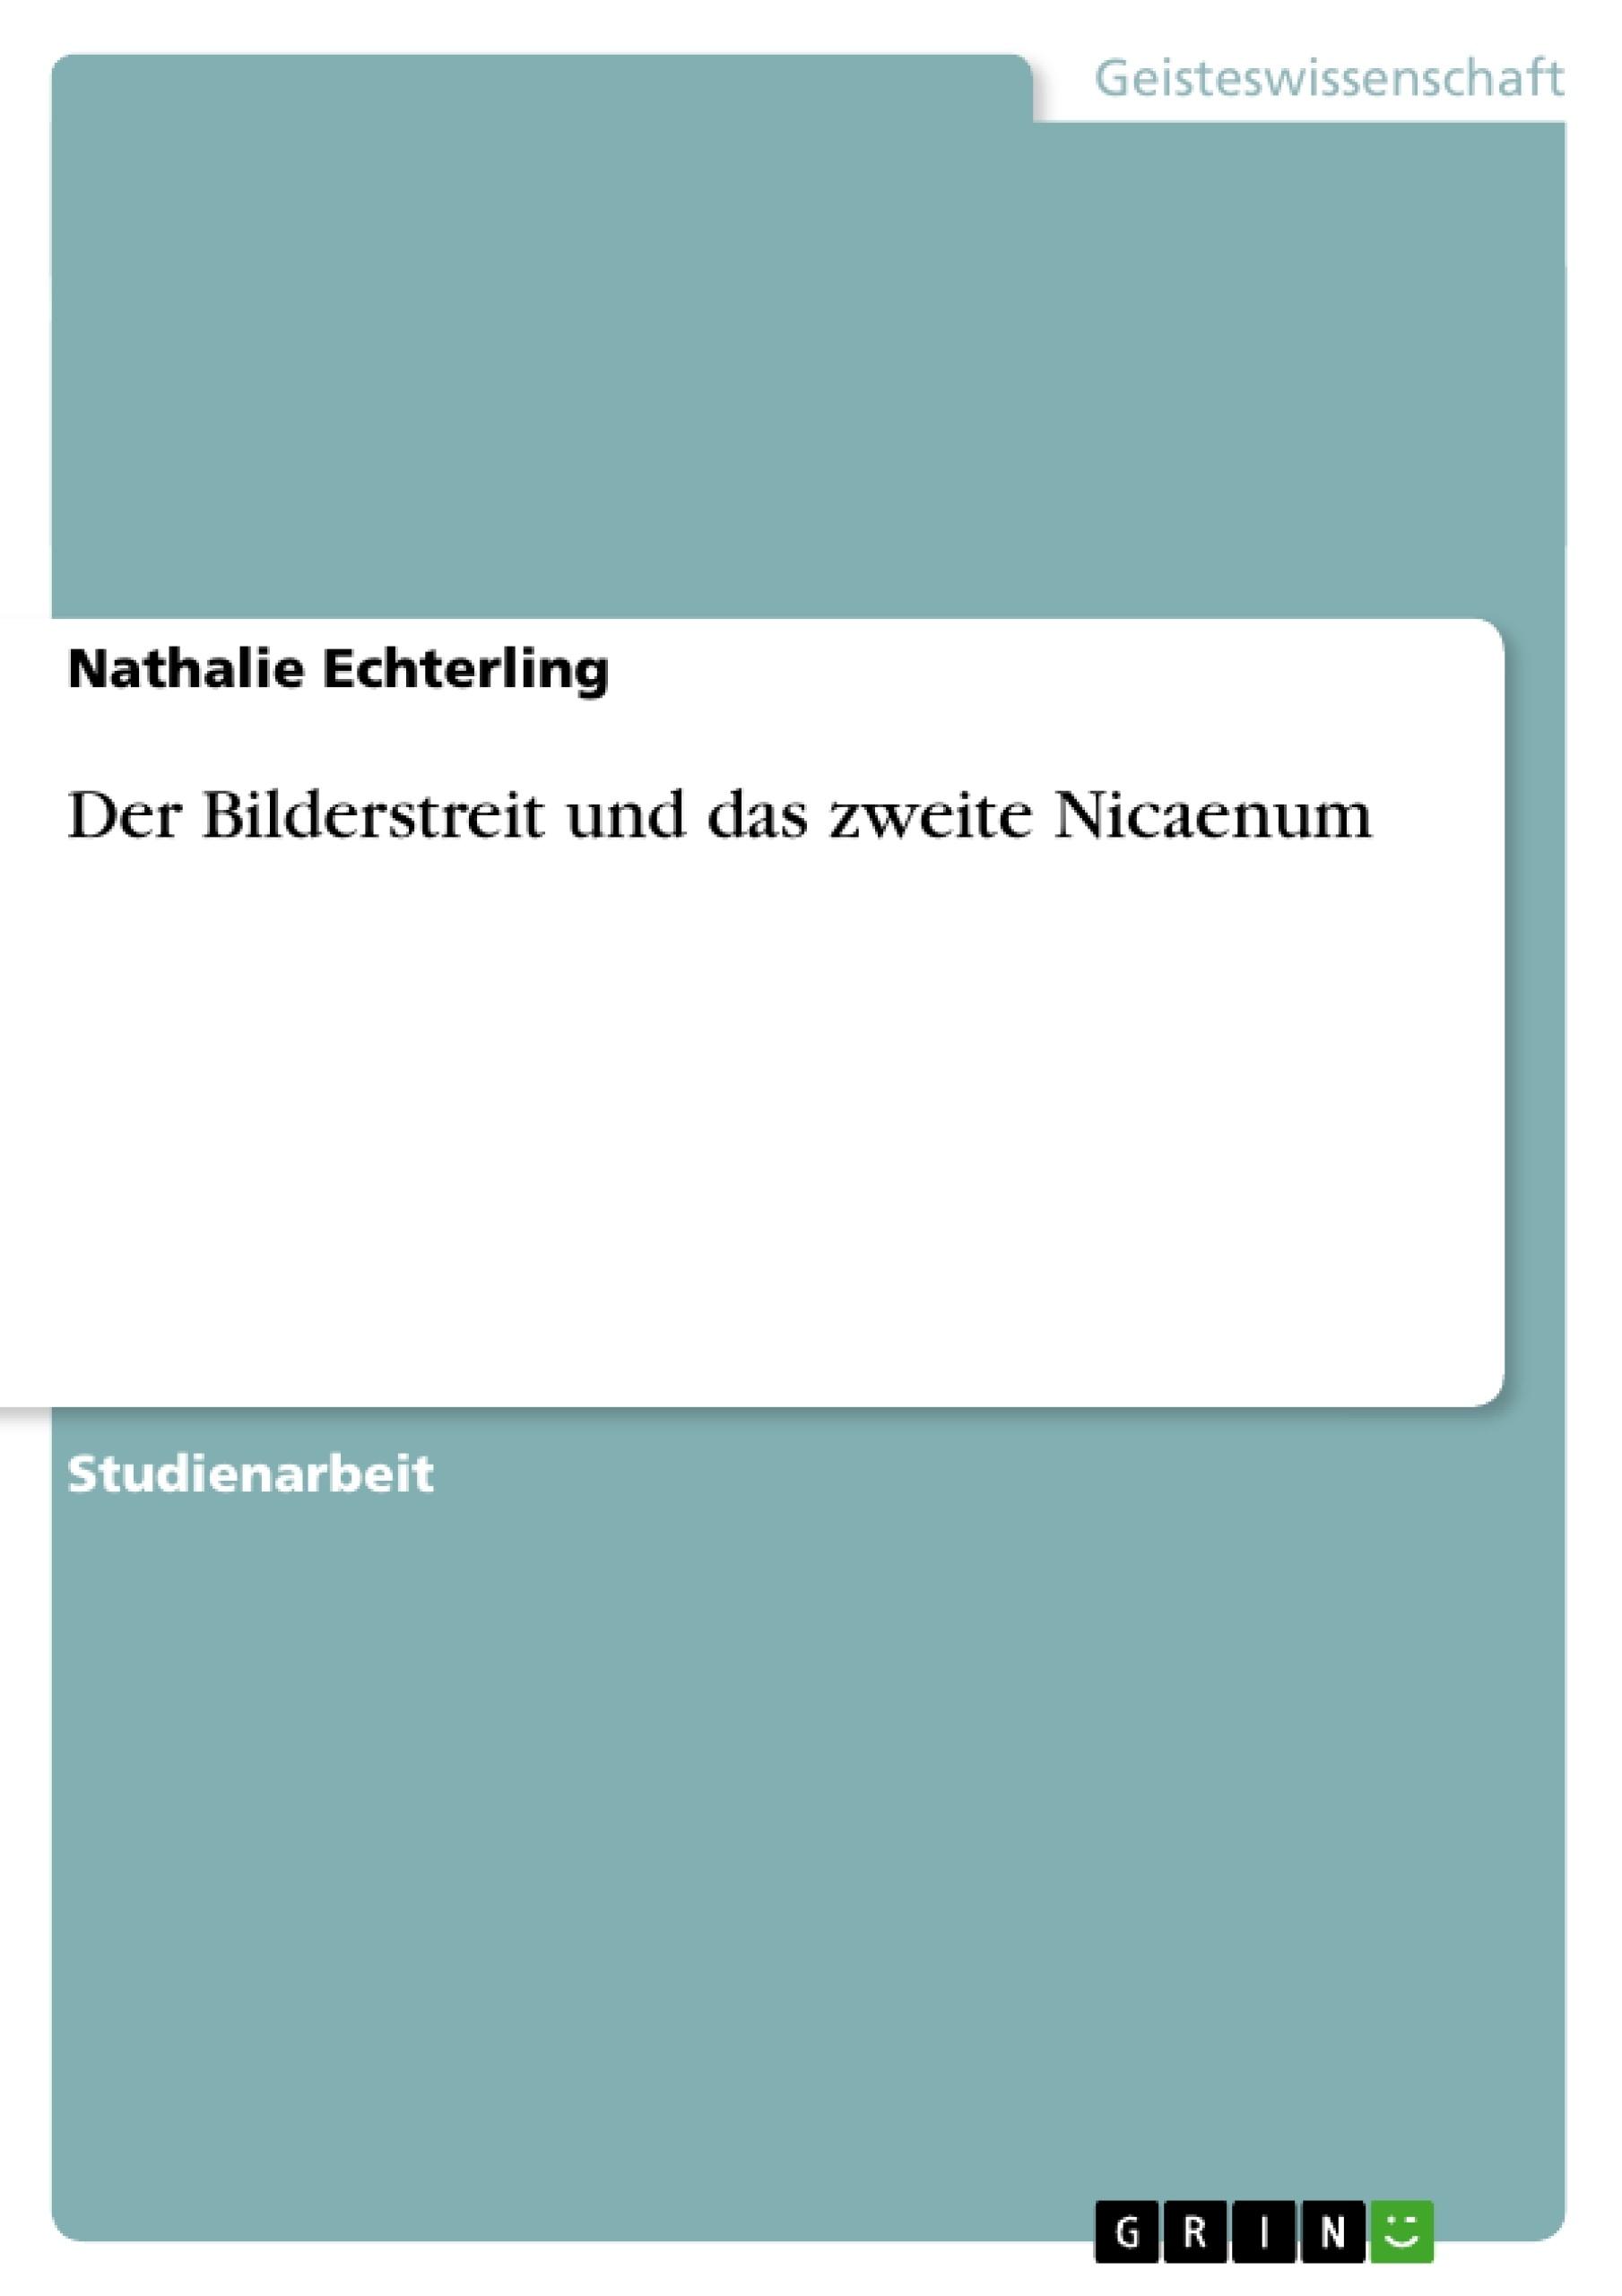 Titel: Der Bilderstreit und das zweite Nicaenum